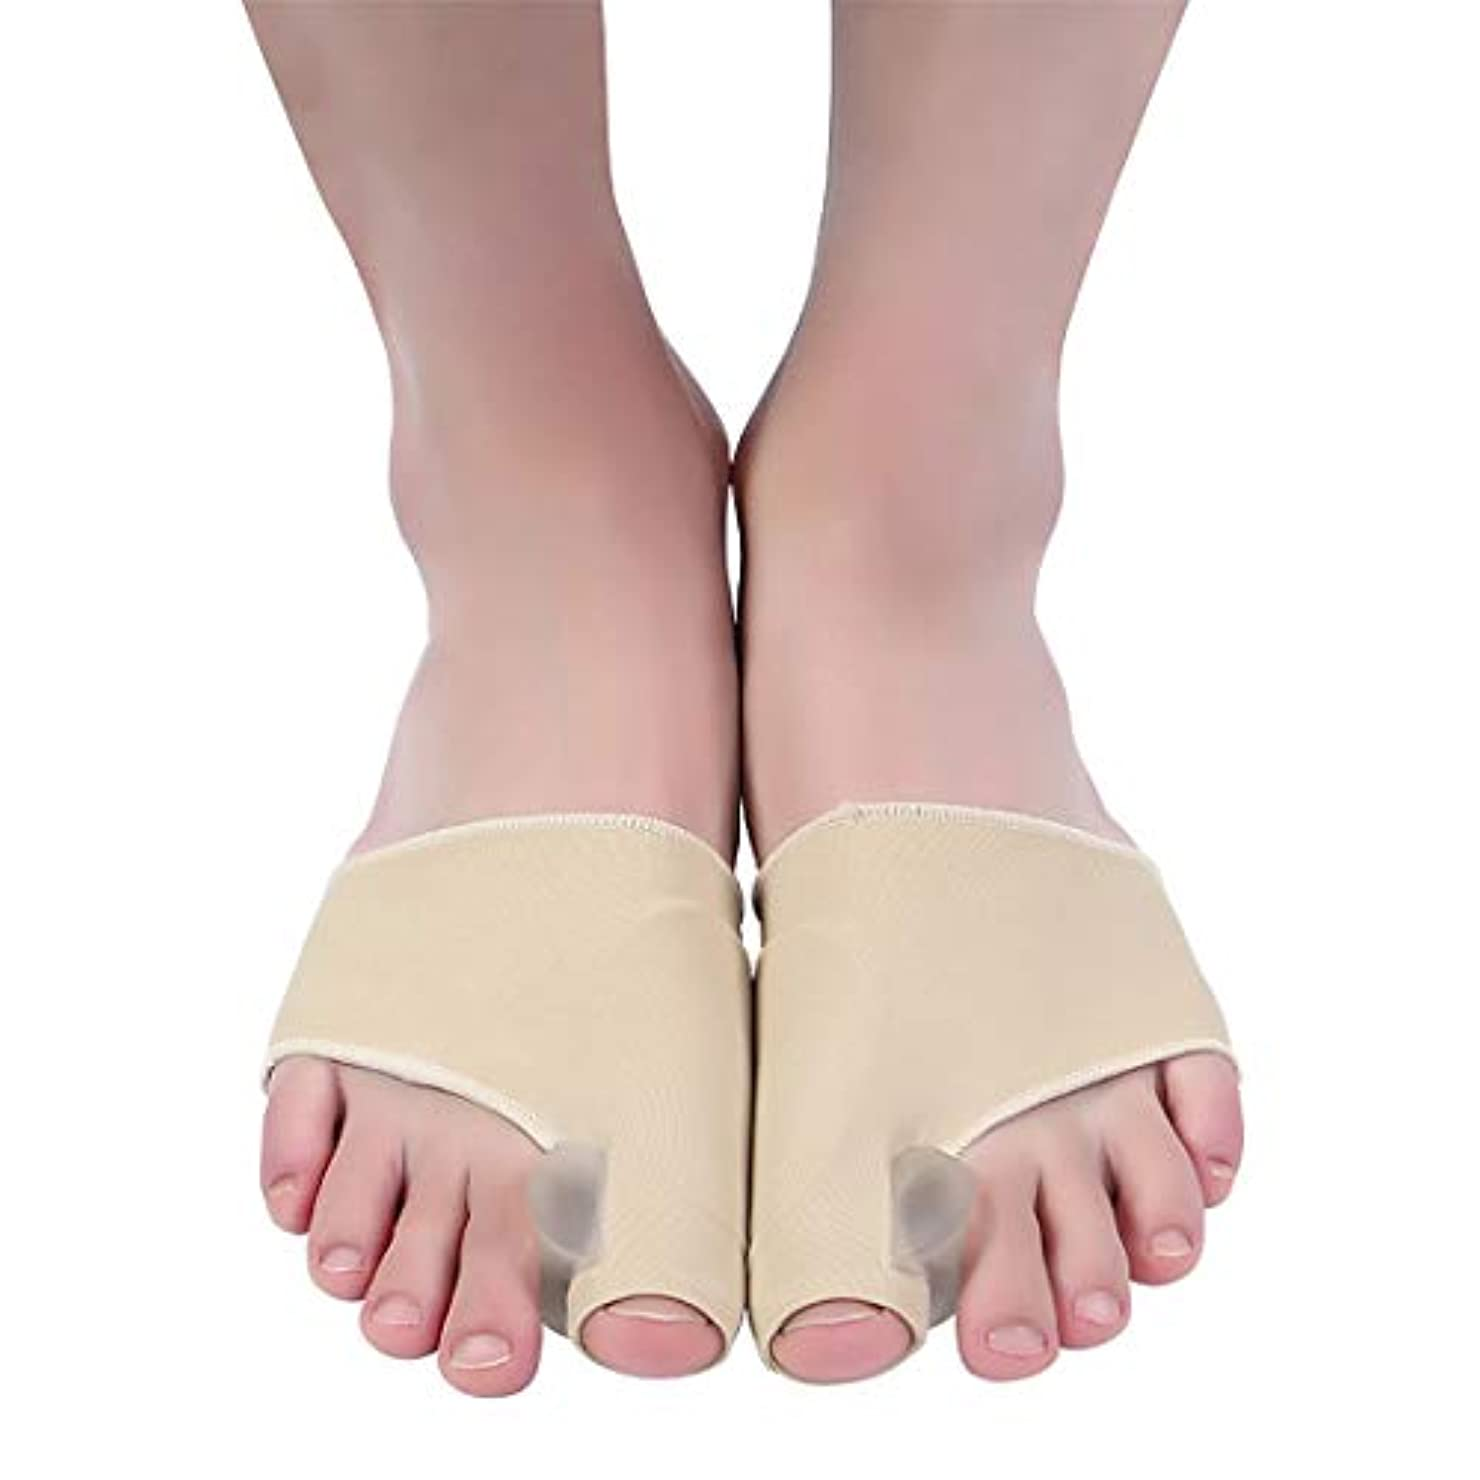 シルク量で別の腱膜瘤矯正と腱膜瘤救済、女性と男性のための整形外科の足の親指矯正、昼夜のサポート、外反母Valの治療と予防